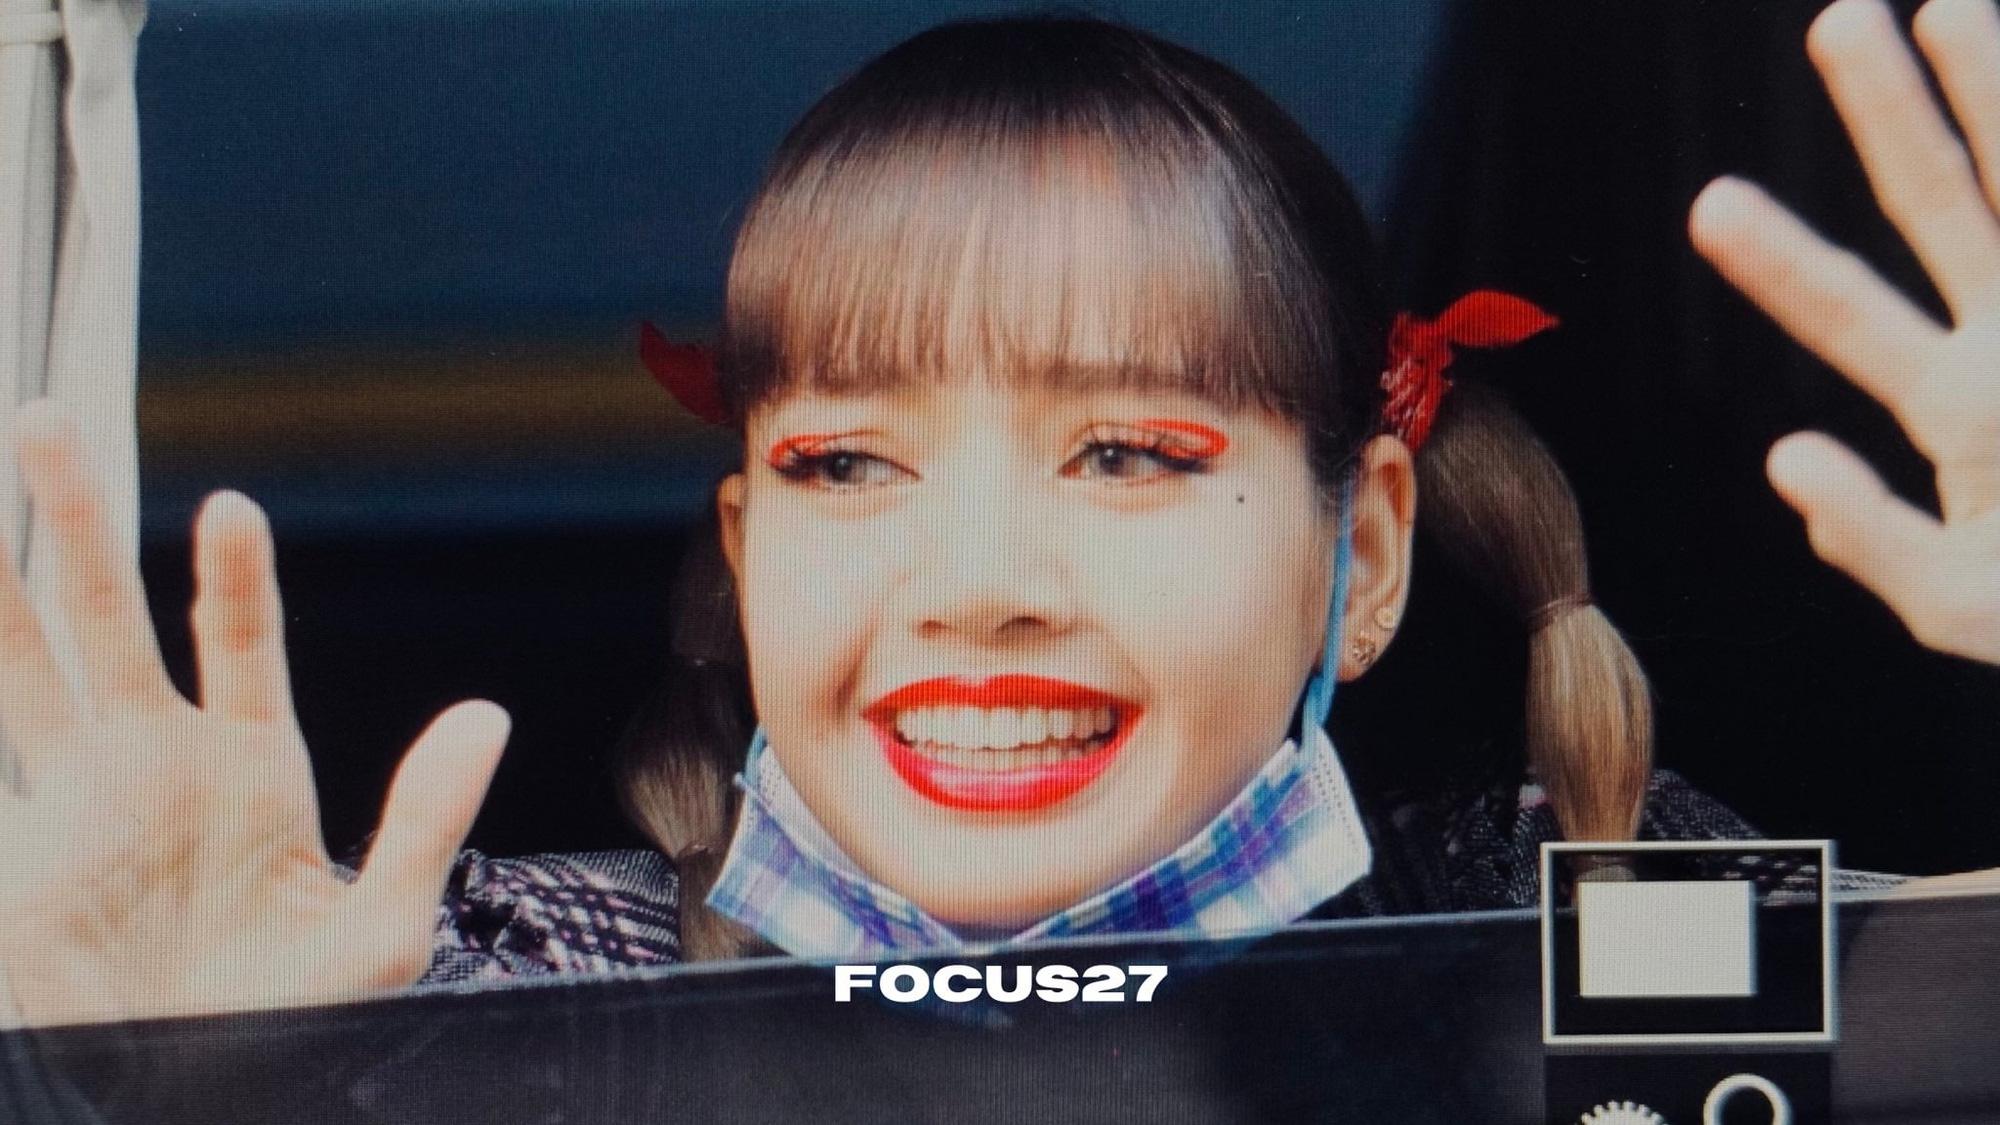 """Lisa dạo này hay lộ ảnh """"kém xinh"""", do makeup sơ sẩy khiến visual tuột điểm hay có ẩn ý gì chăng? - Ảnh 12."""